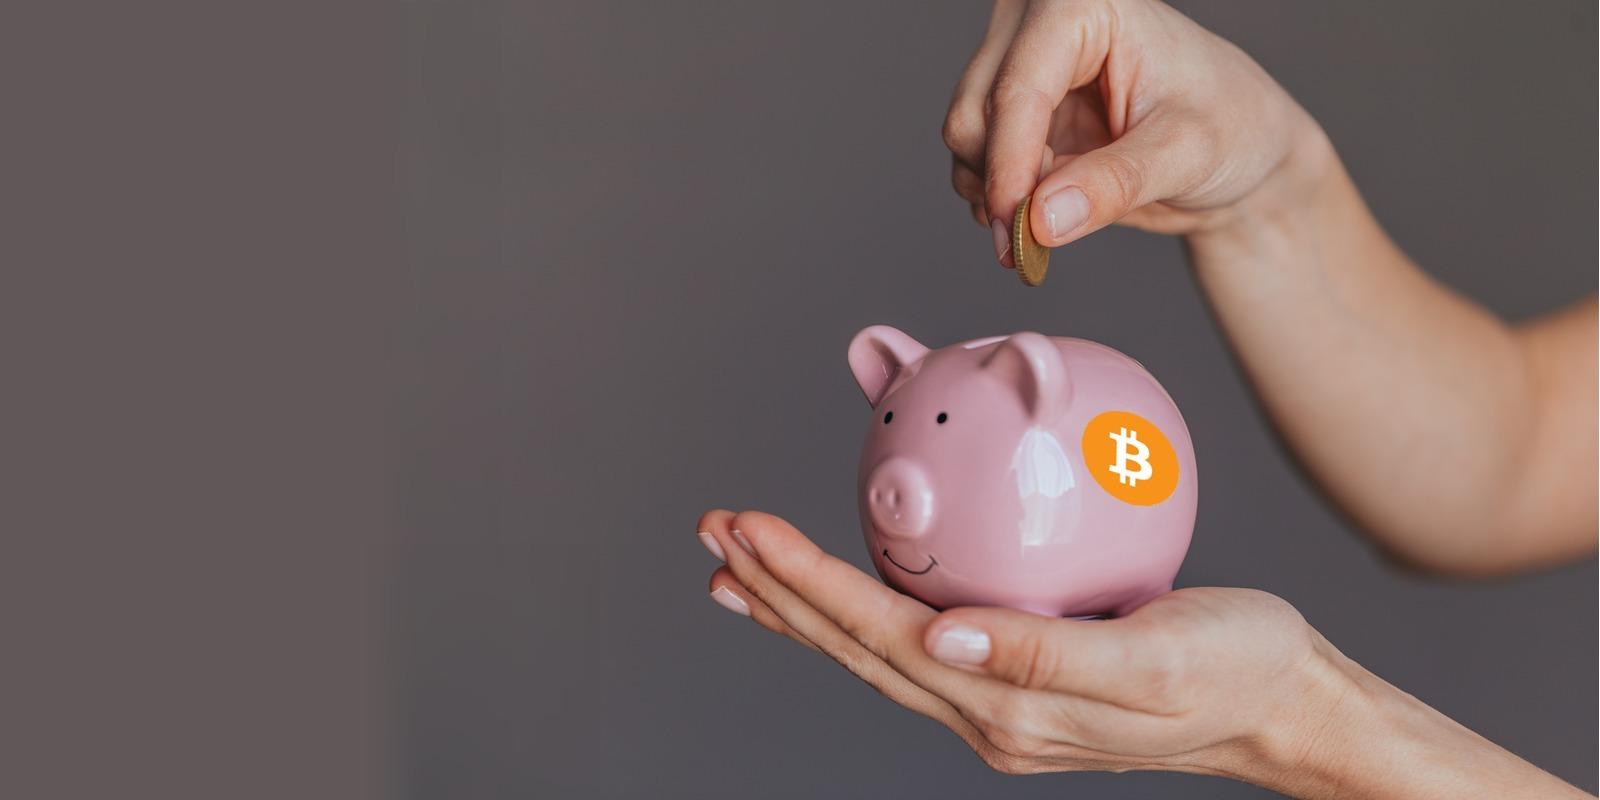 Bitcoin (BTC) peut-il vous aider à protéger votre épargne pendant la crise?